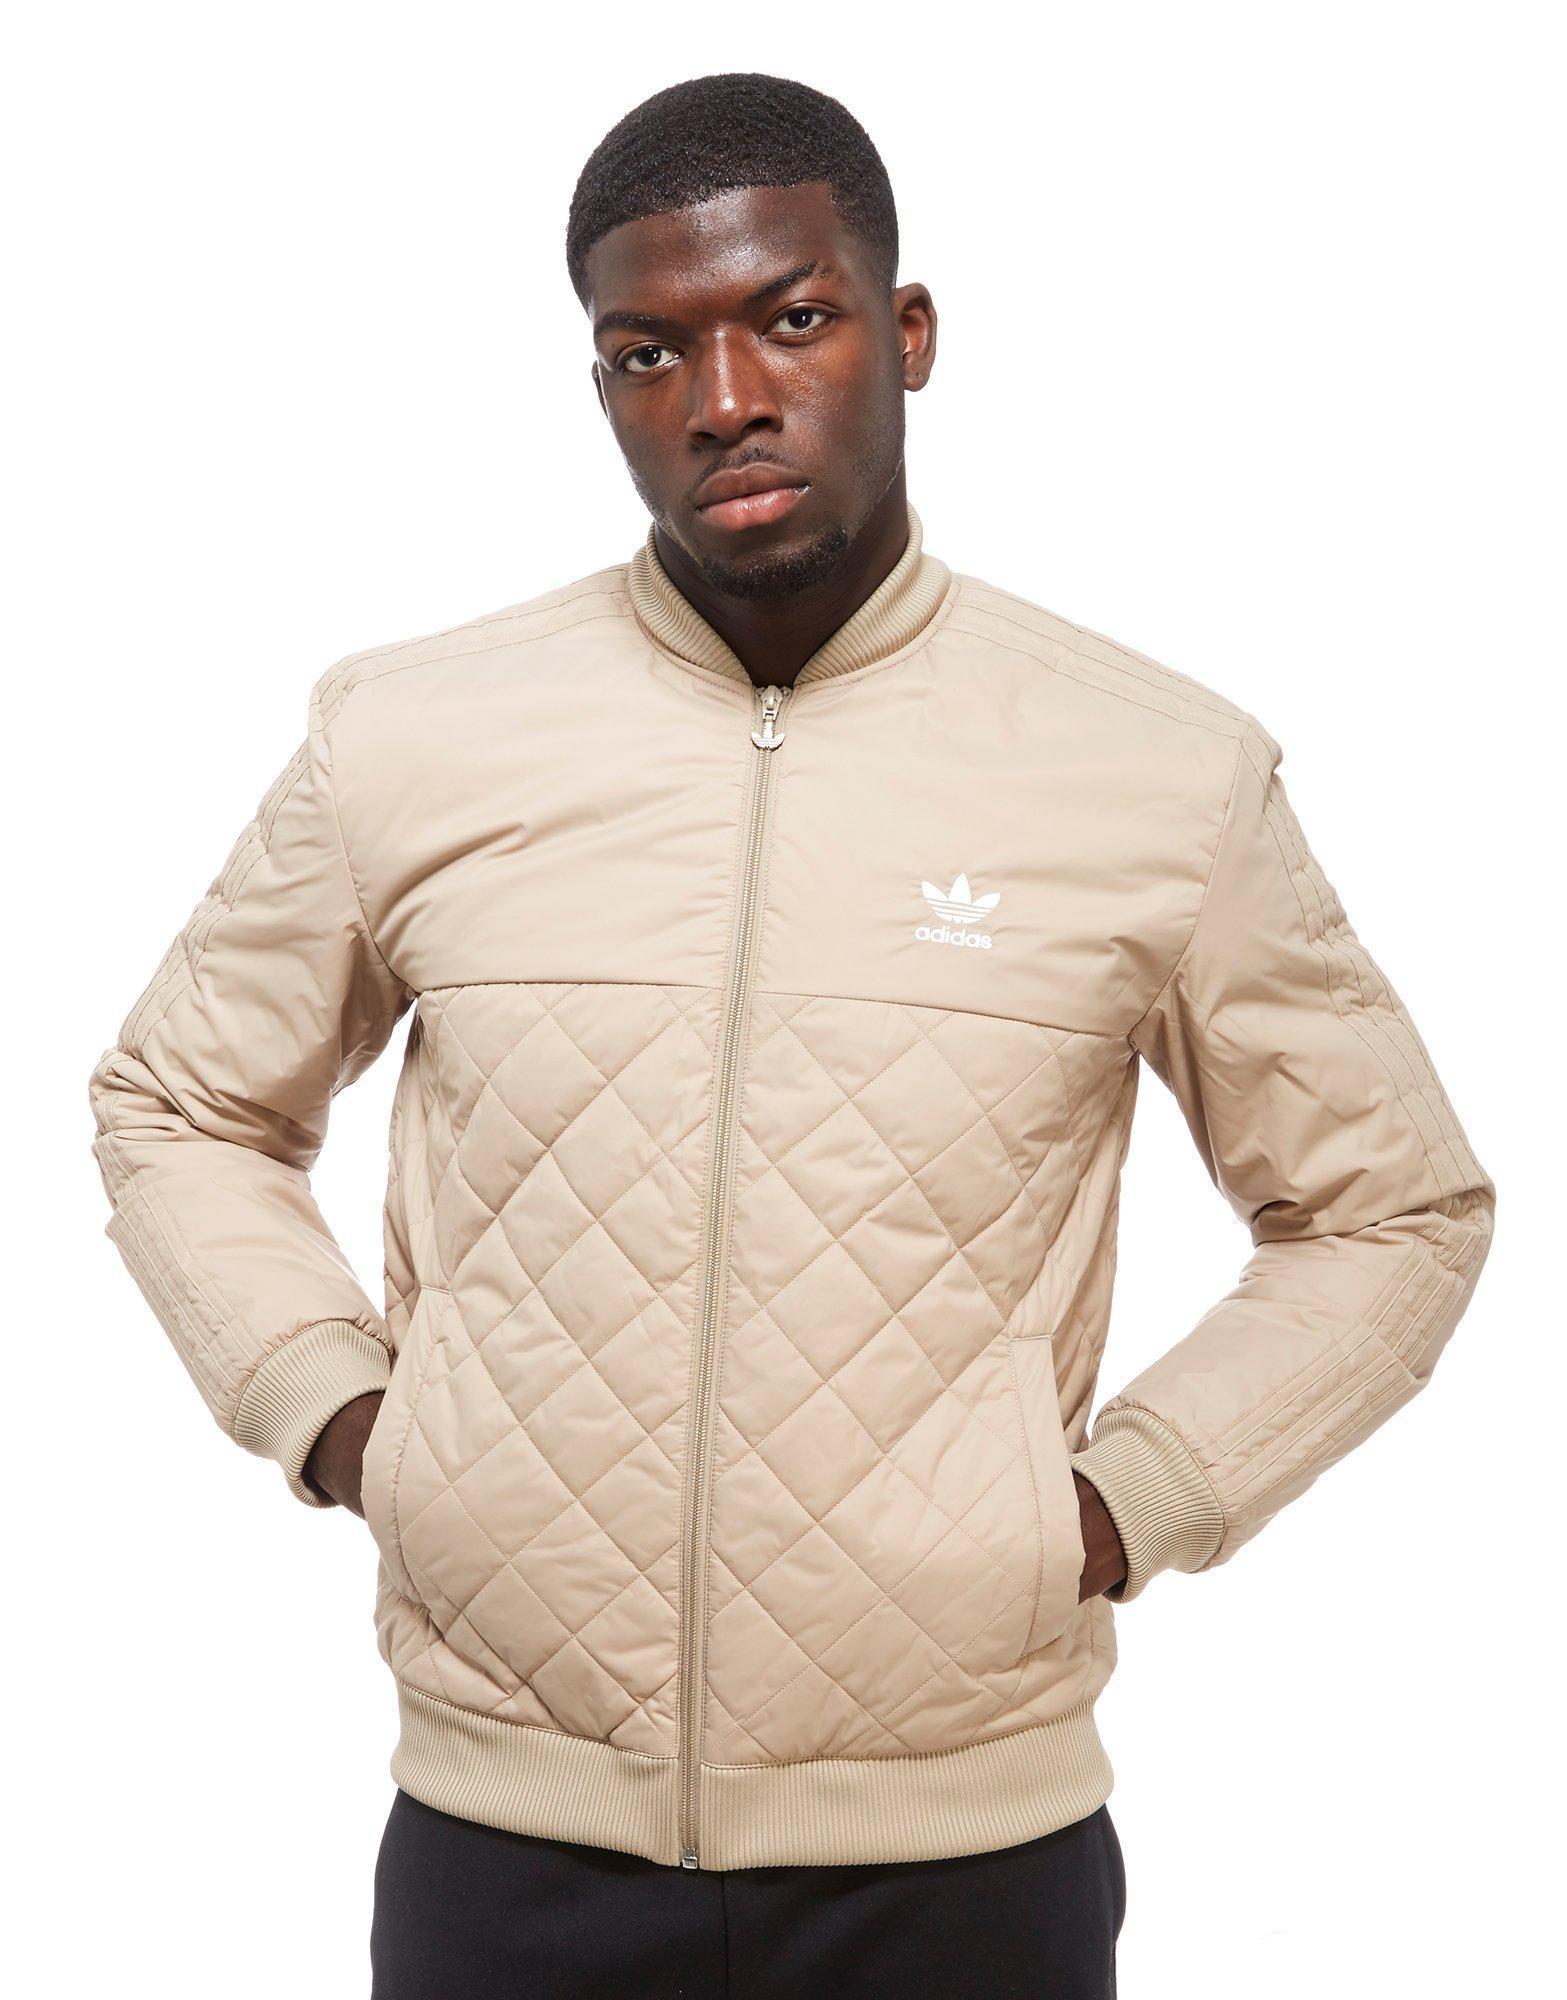 f3df7a6ef Adidas Originals Brown Trefoil Quilted Bomber Jacket for men